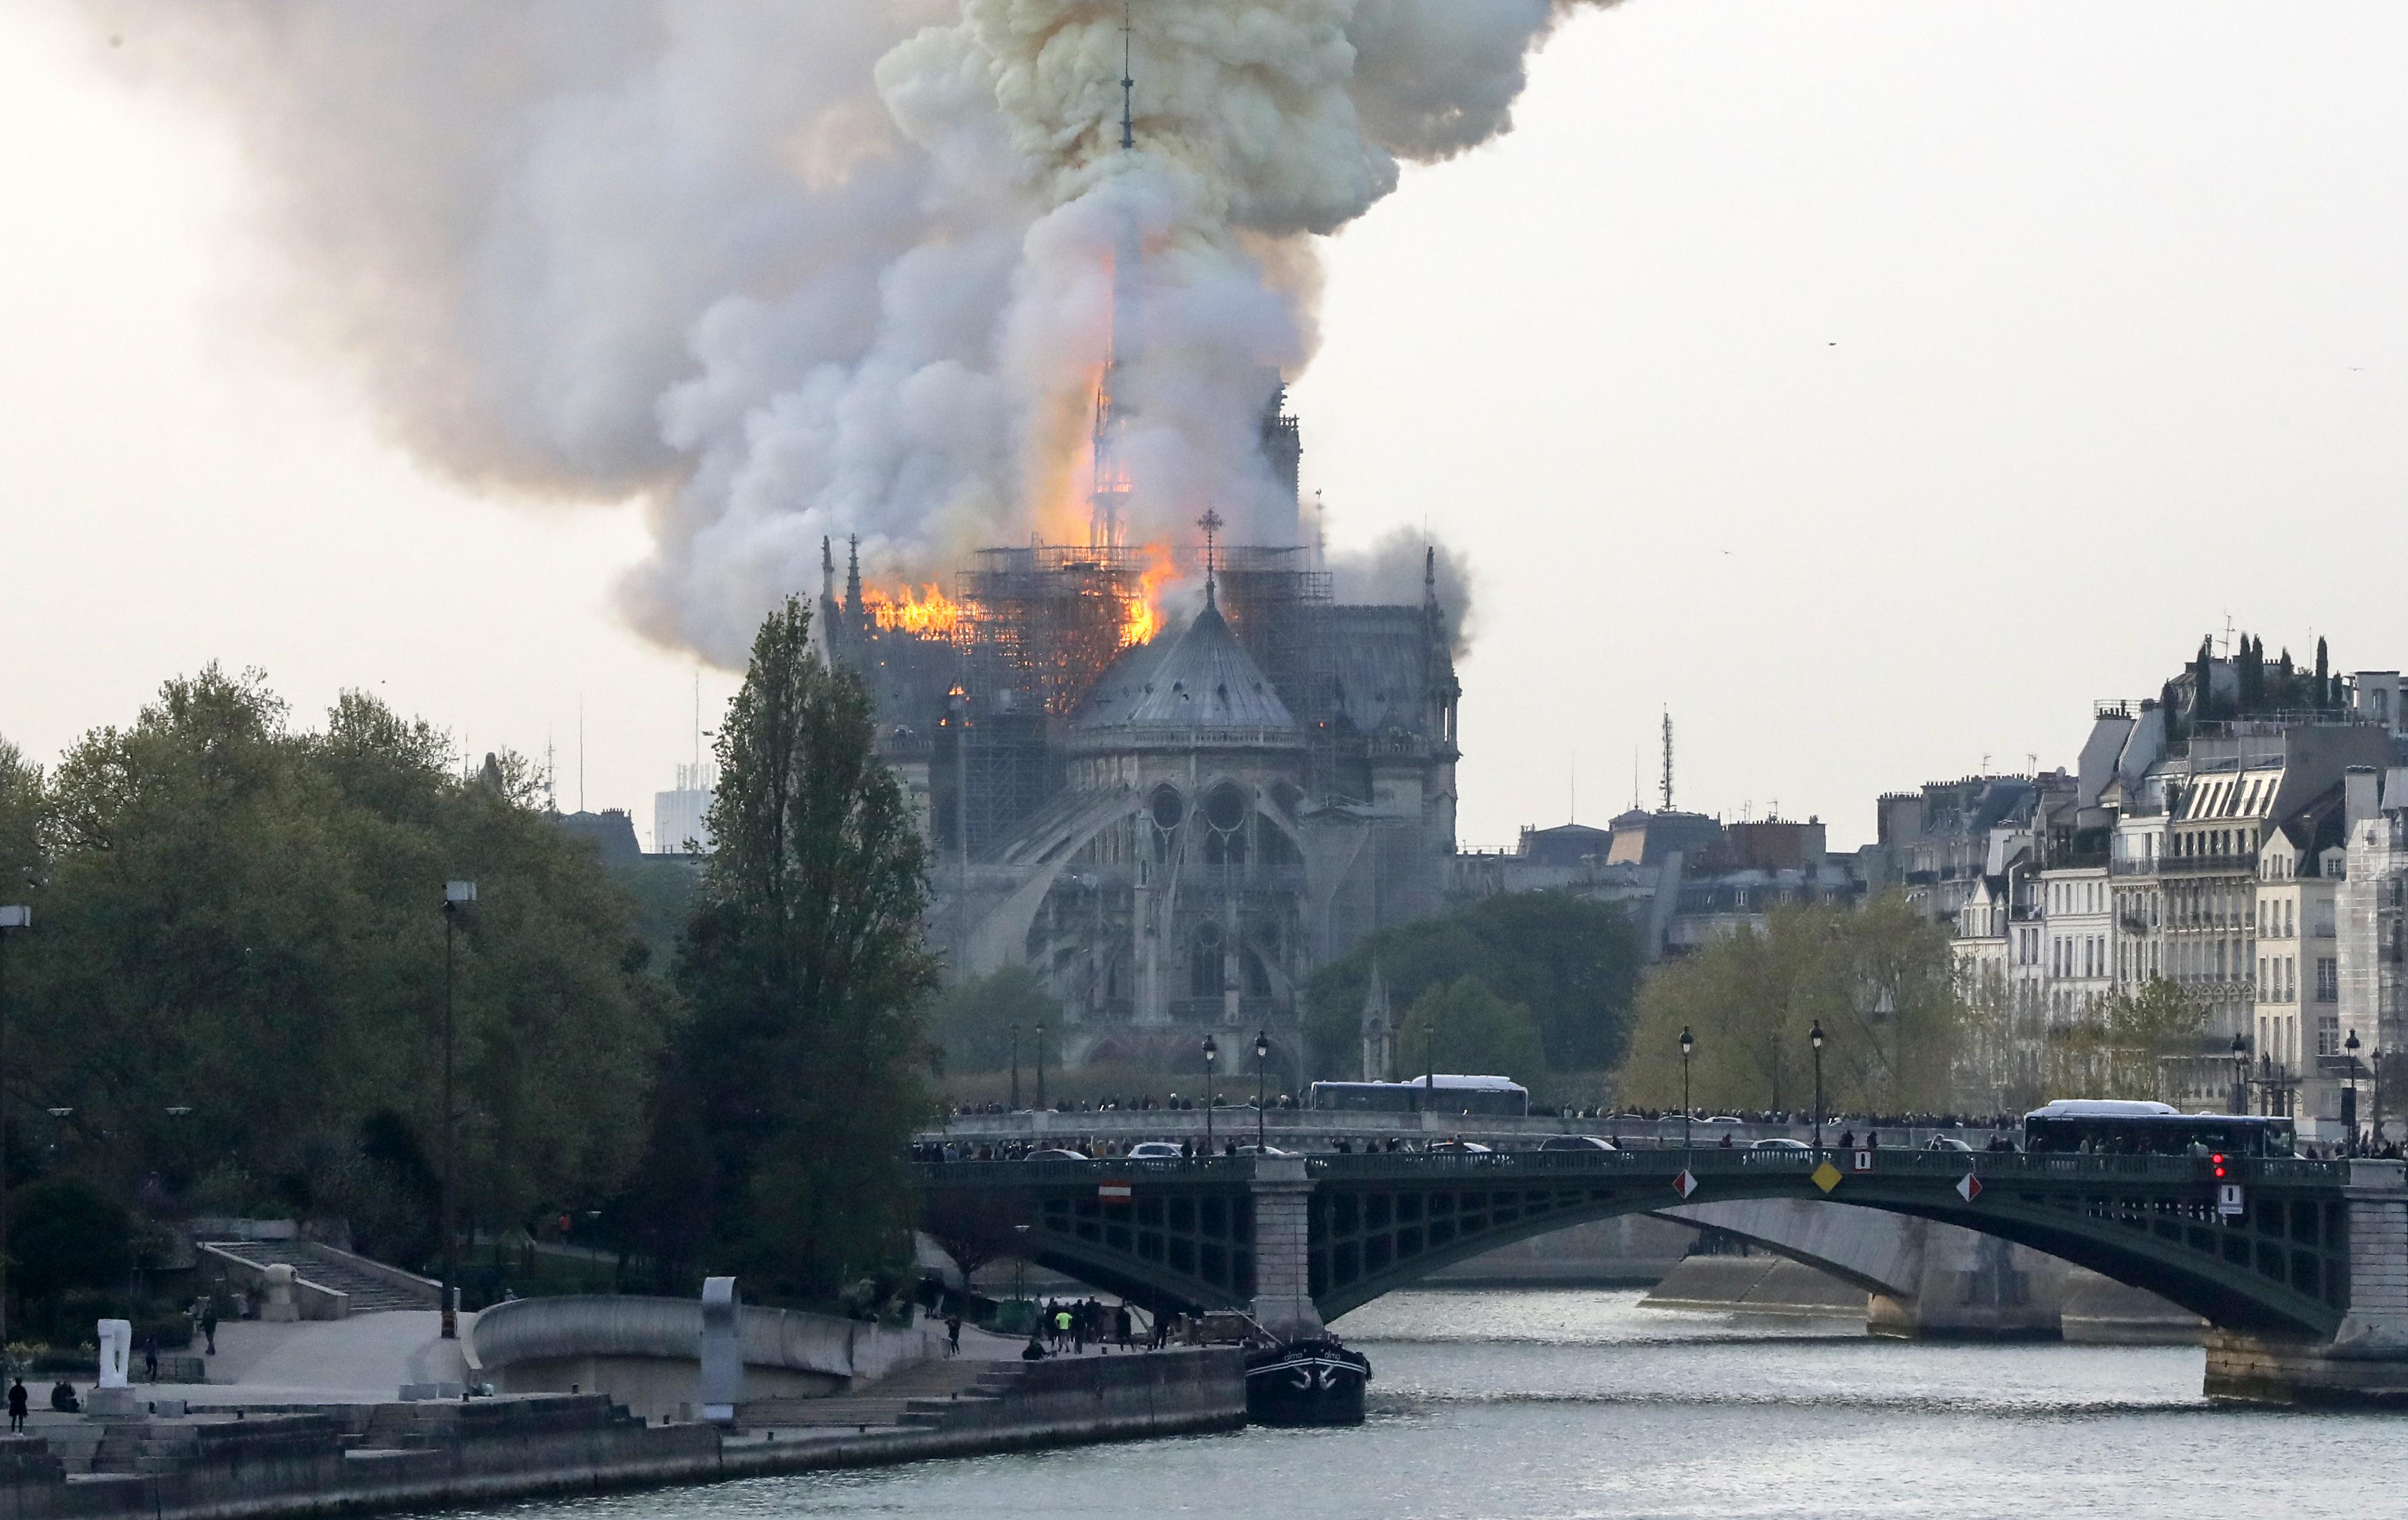 Lehet, hogy Európában nincsenek már elég magas fák a Notre-Dame helyreállításához